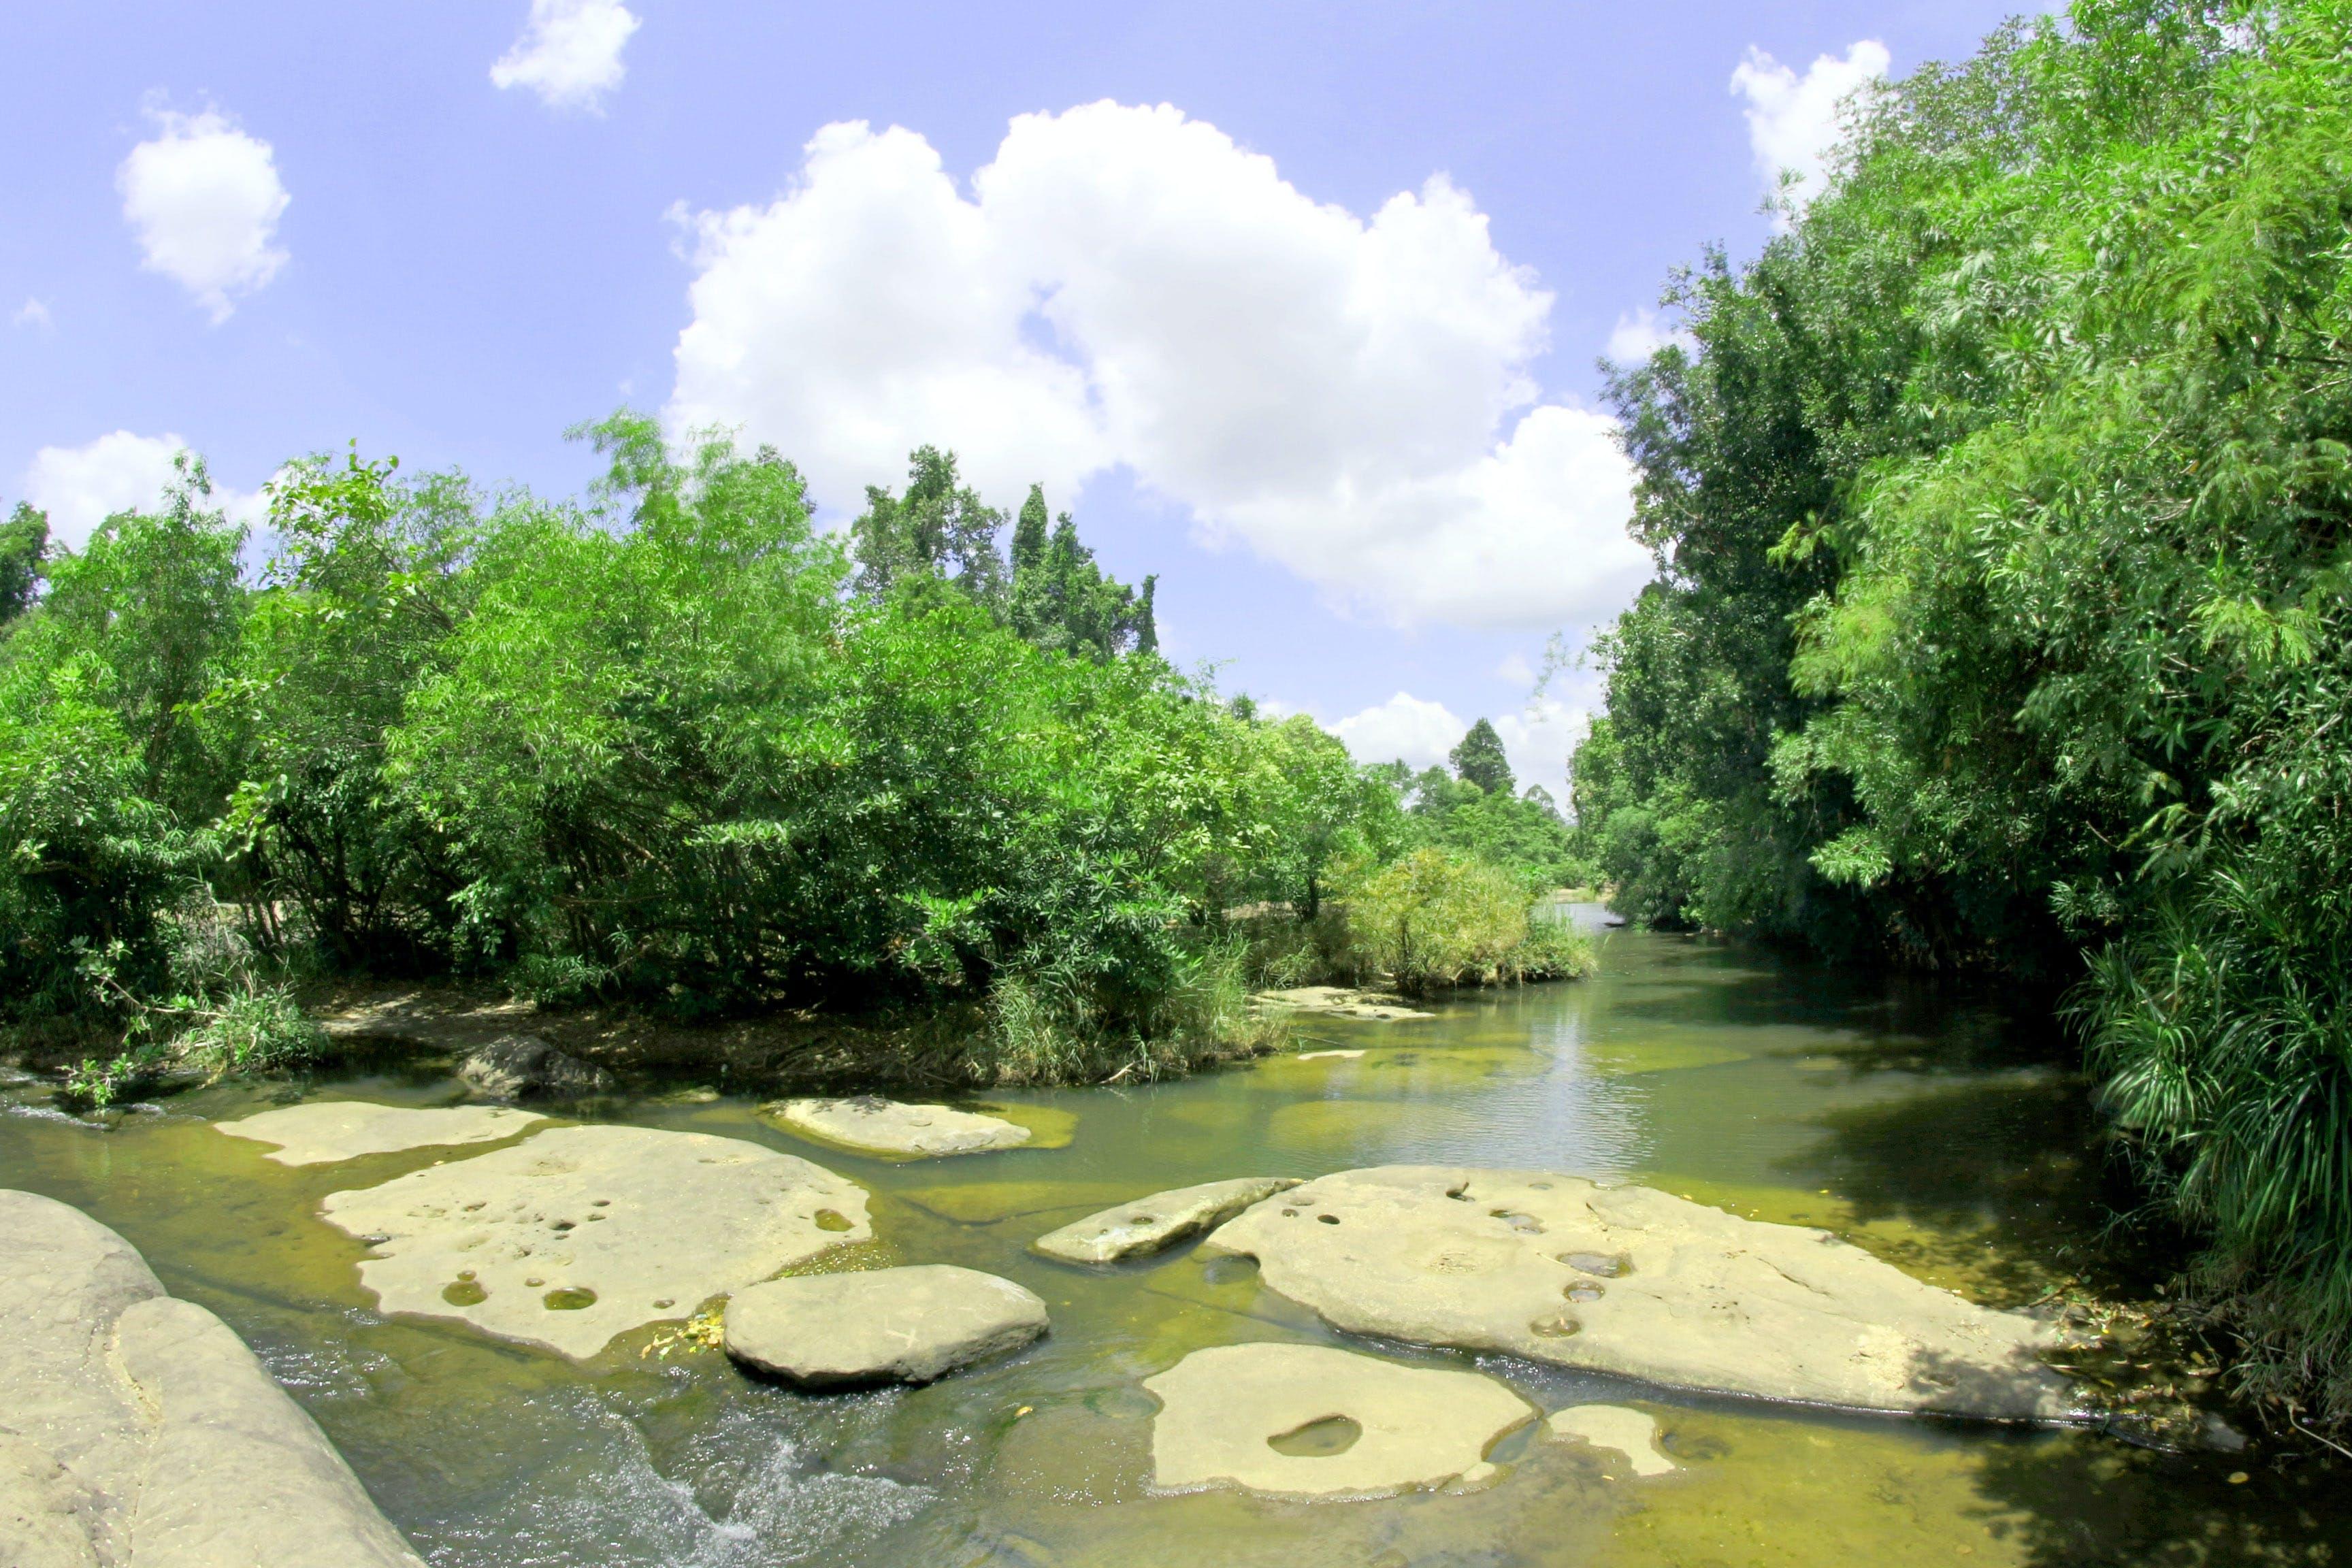 Foto profissional grátis de água, árvores, Ásia, Asiático